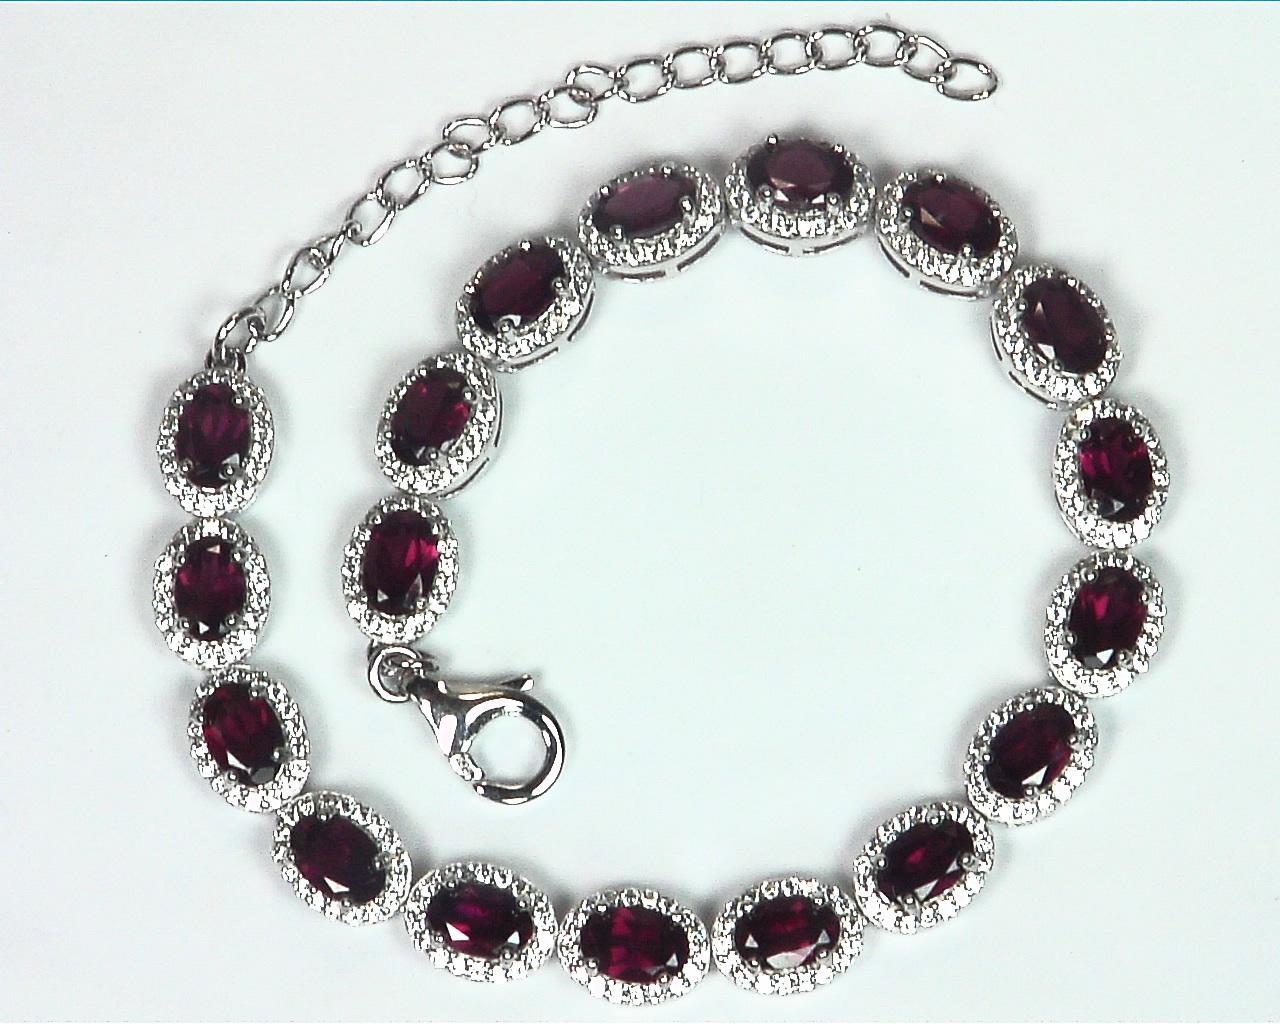 Garnet Natural Genuine Gemstone Bracelet Set in Sterling Silver BR,790